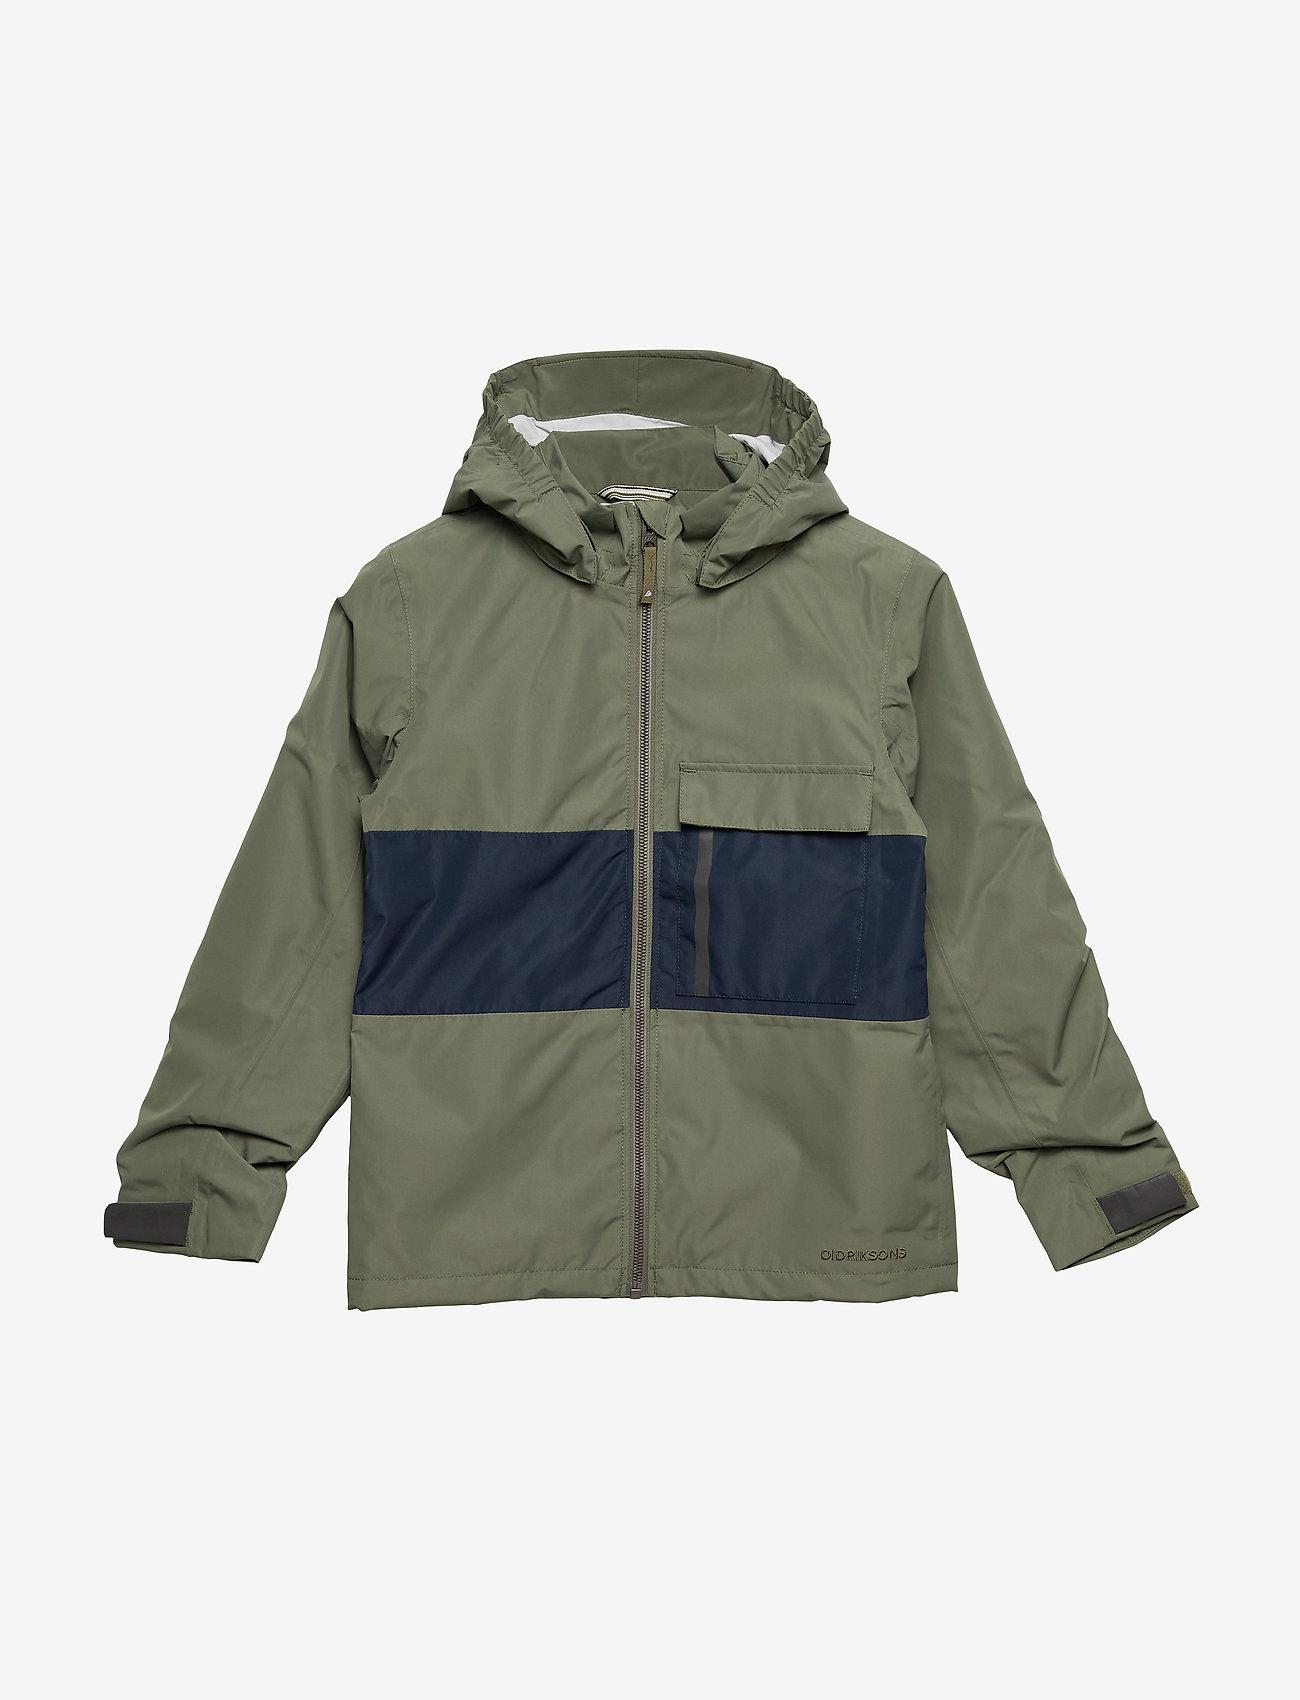 Didriksons - IGELKOTTEN KIDS JKT - shell jacket - dusty olive - 0